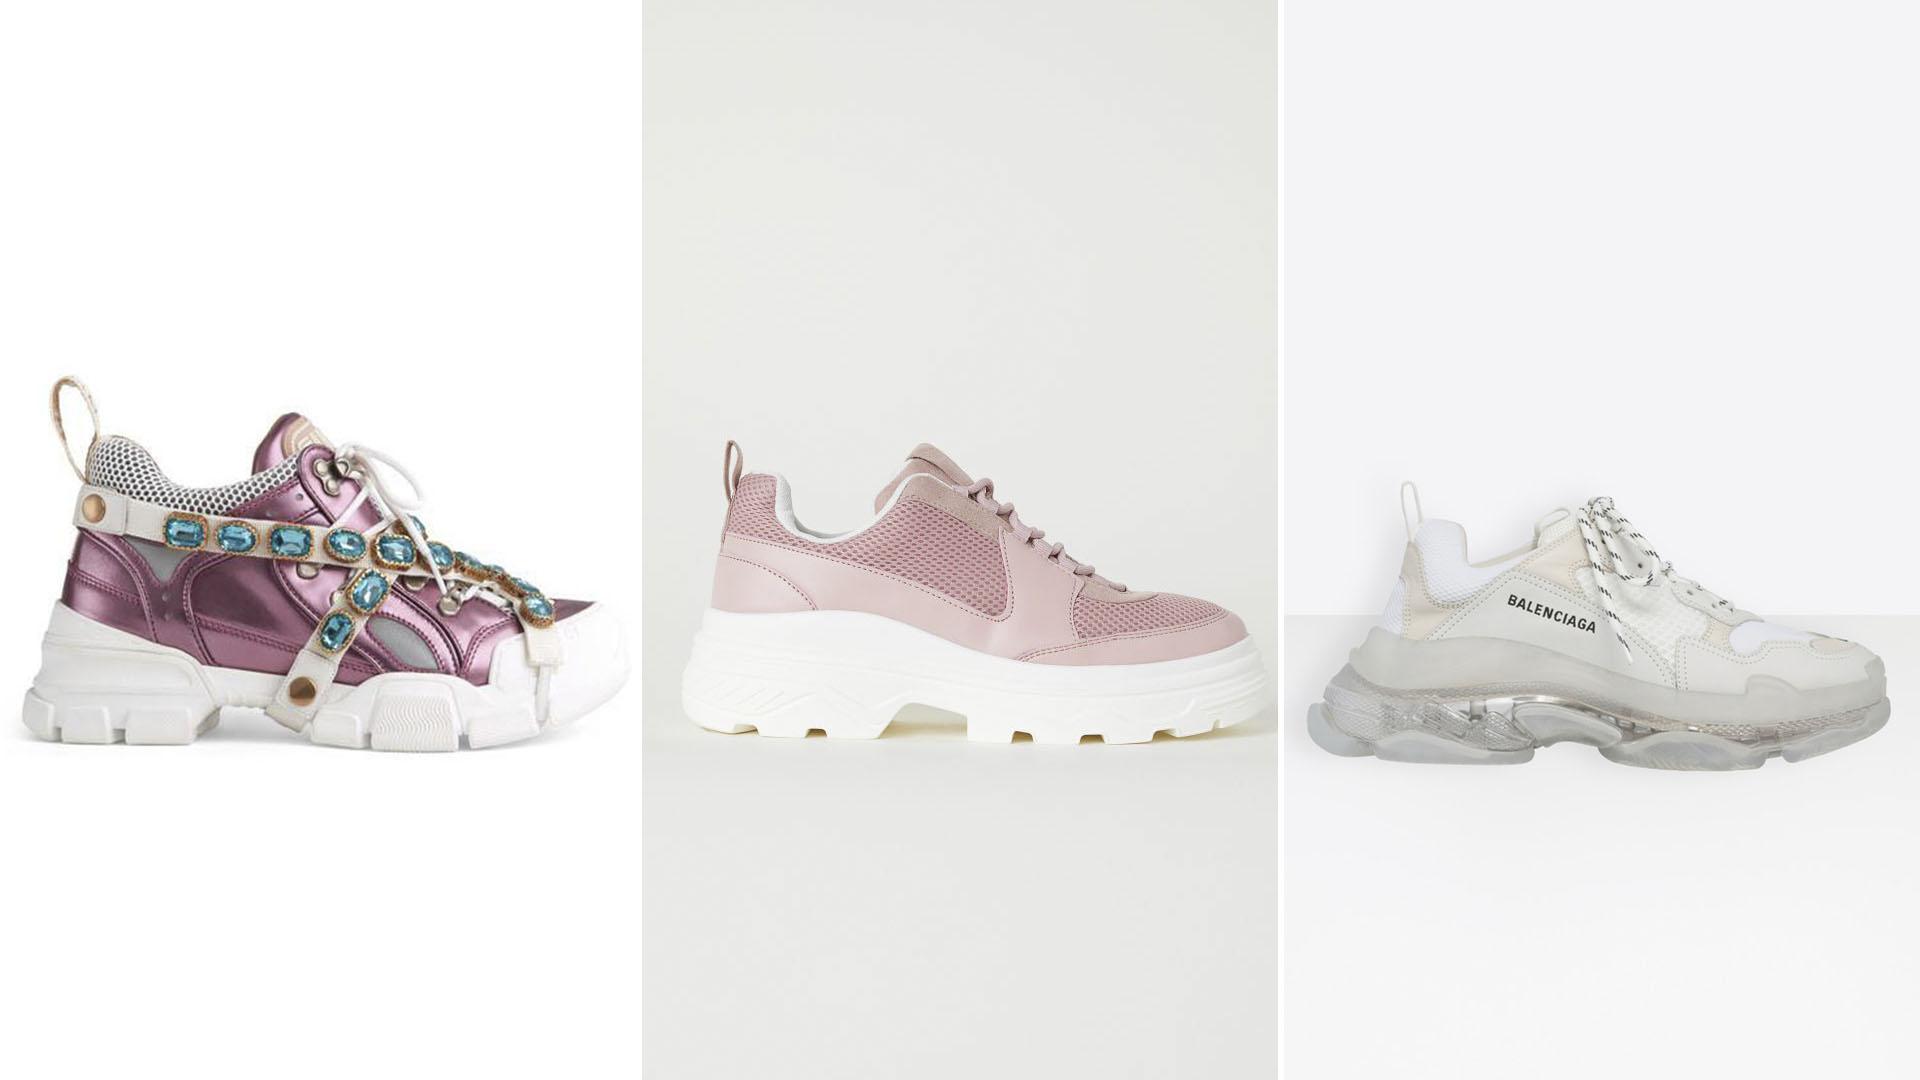 Stradivarius Y Zara Moda en Zapatos, Edición Limitada Deportivas, Zapatillas, Mujer 2018 | New.